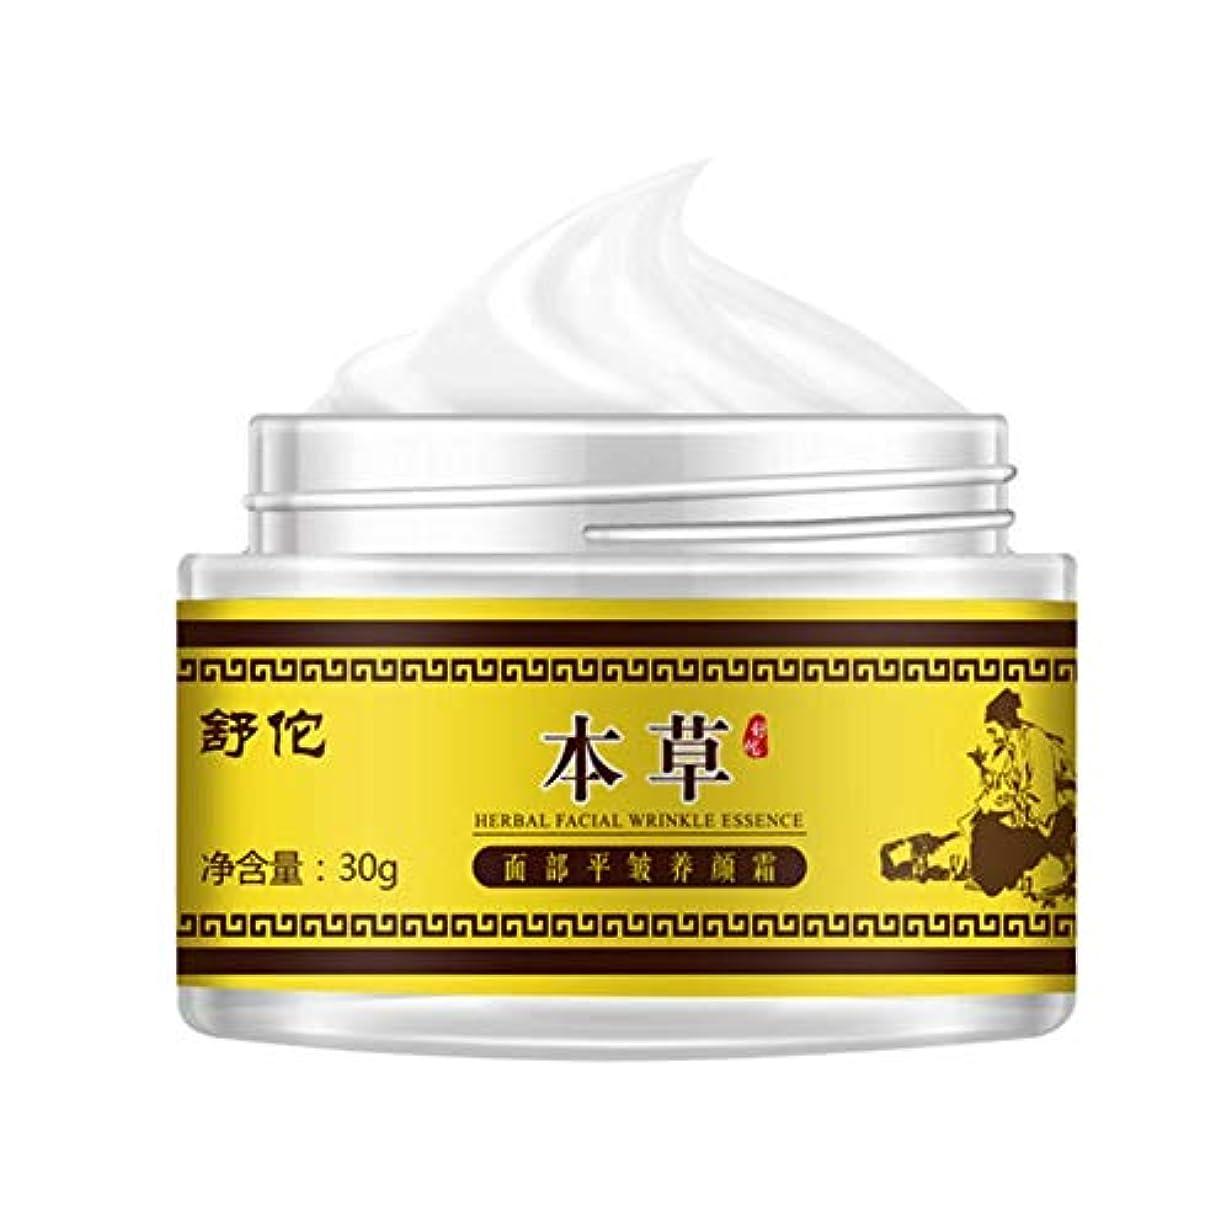 育成骨の折れる上にBETTER YOU (ベター ュー) 本草 面部 養顔クリーム しわ取り 細目を淡化する ハイライト 潤い 修復 保湿 補水 クリーム